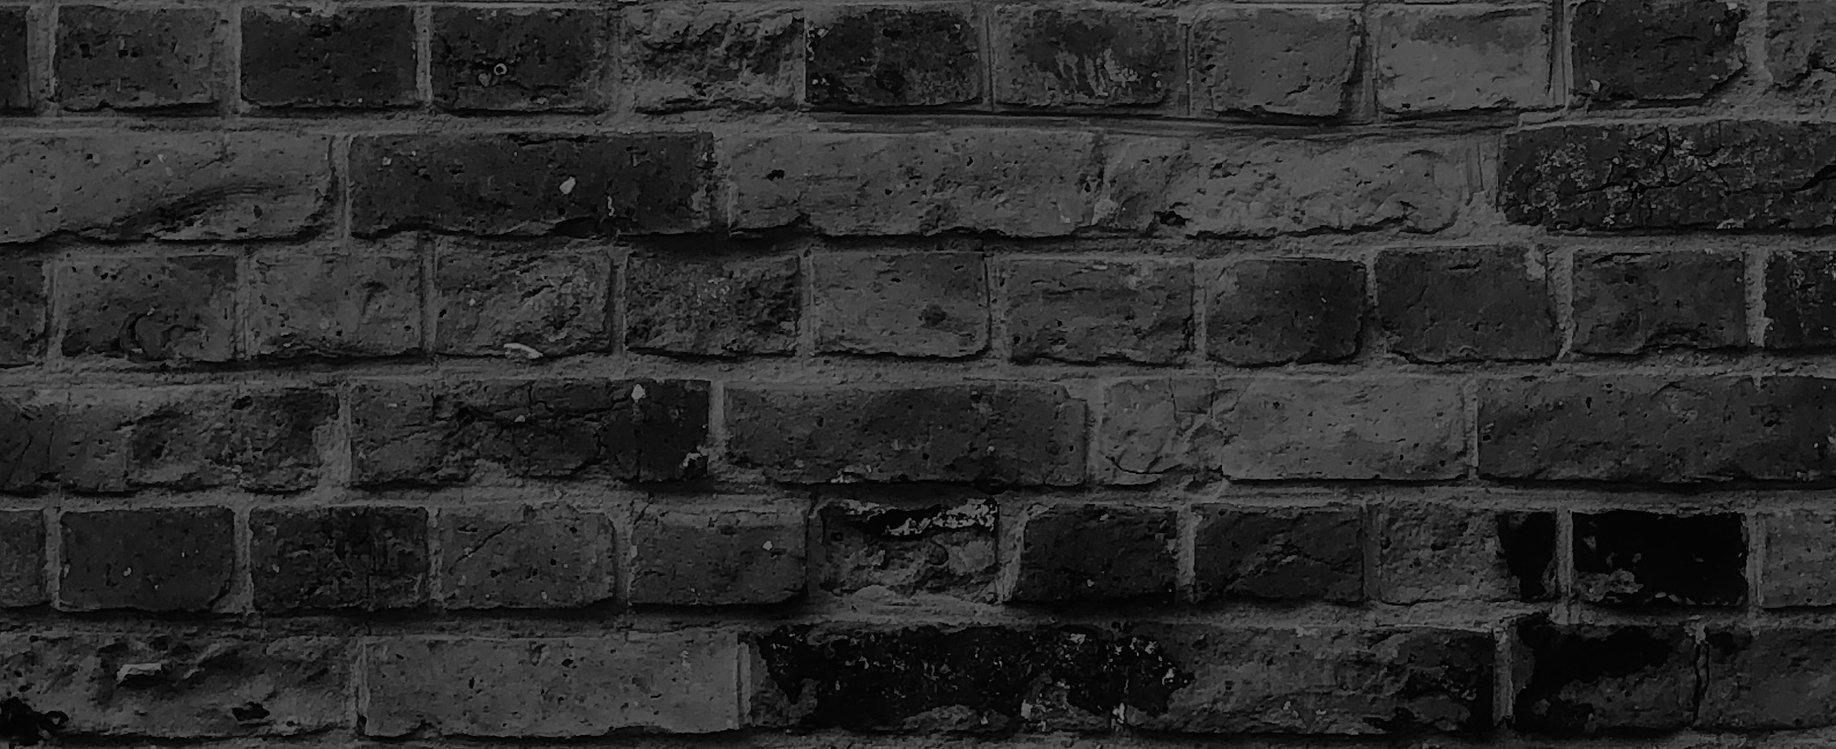 Bricks1_edited_edited.jpg